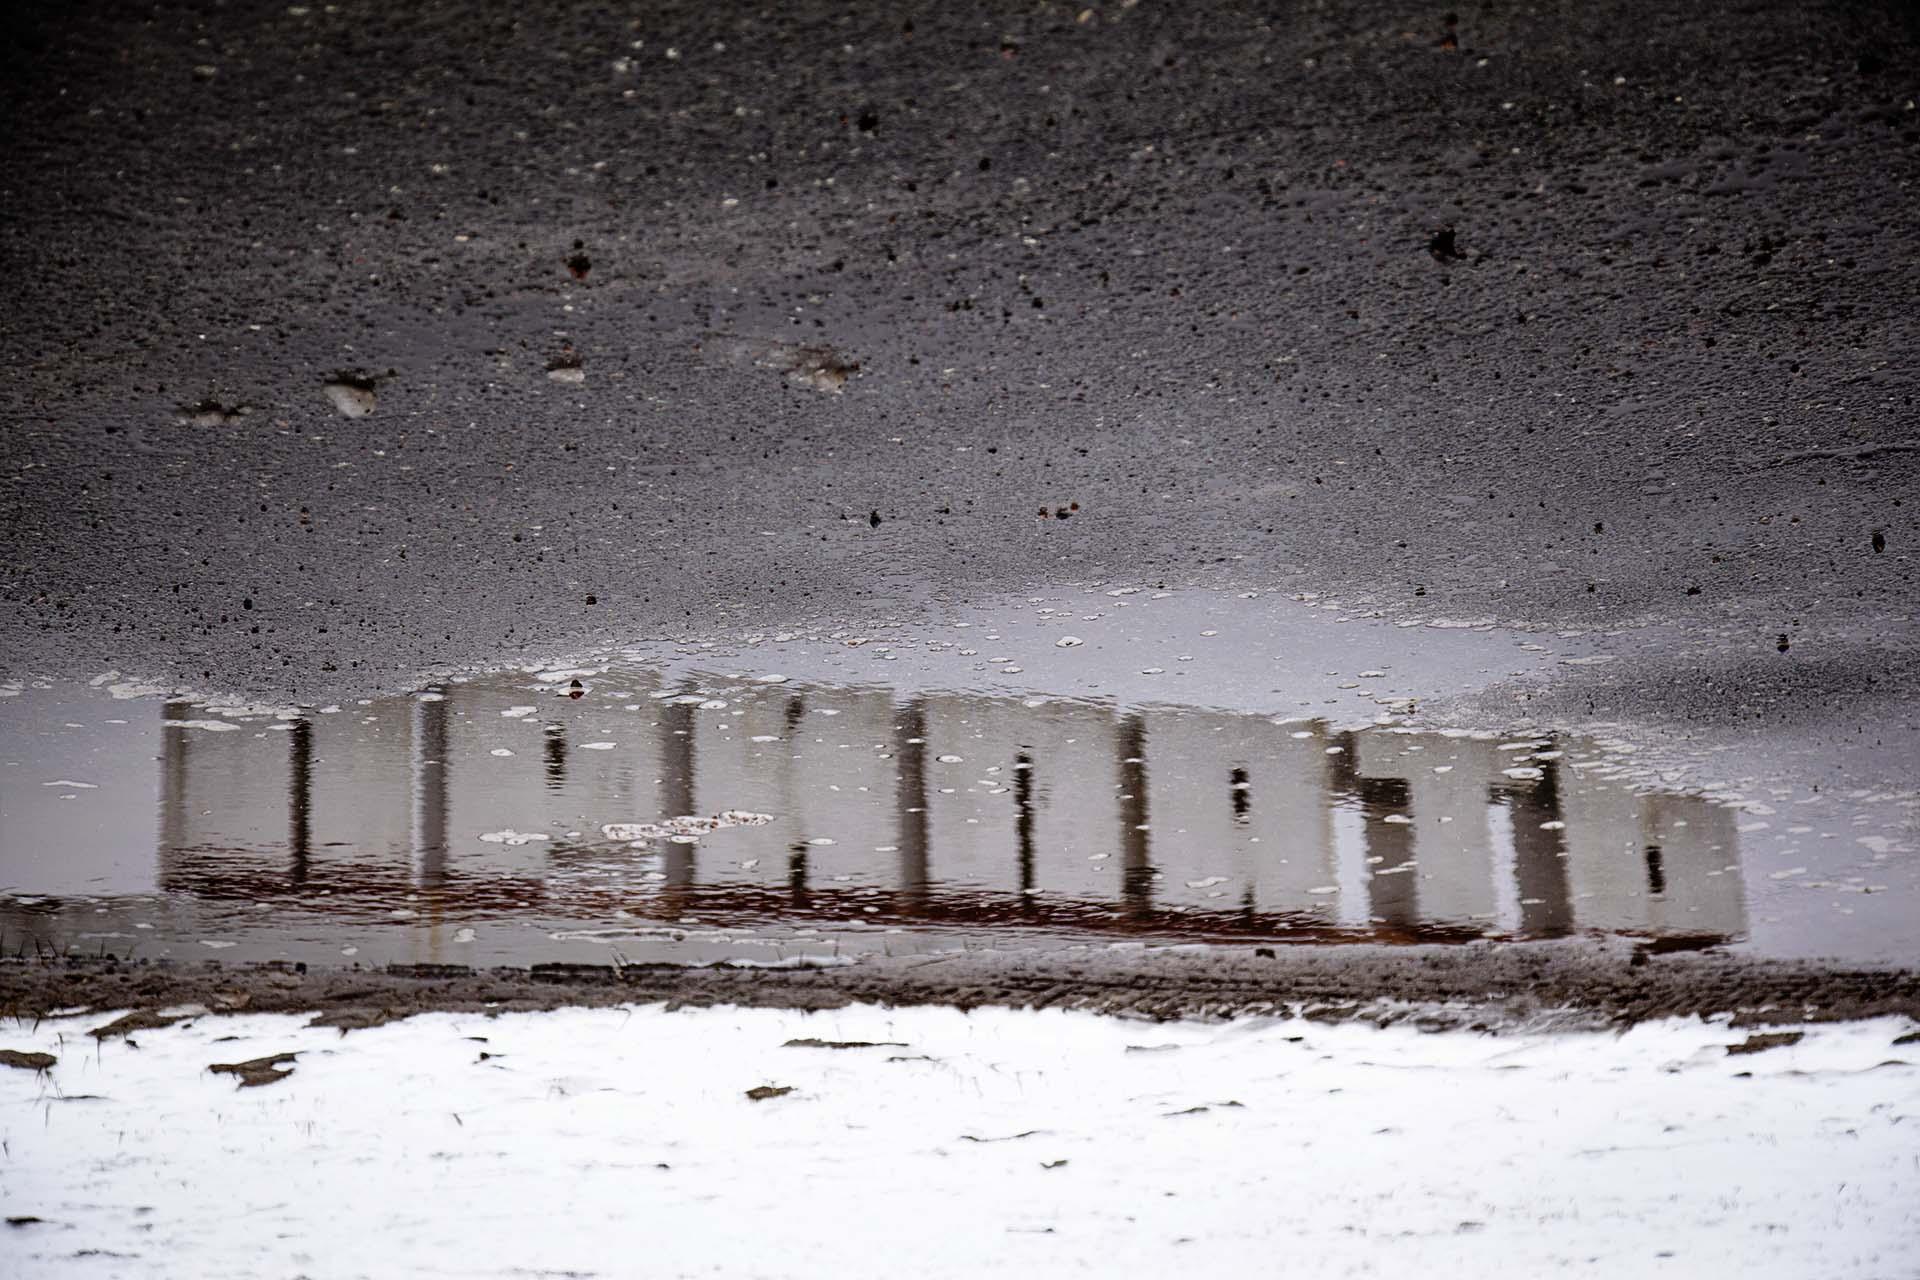 Cartel de entrada a la ciudad nuclear abandonada de Pripyat.